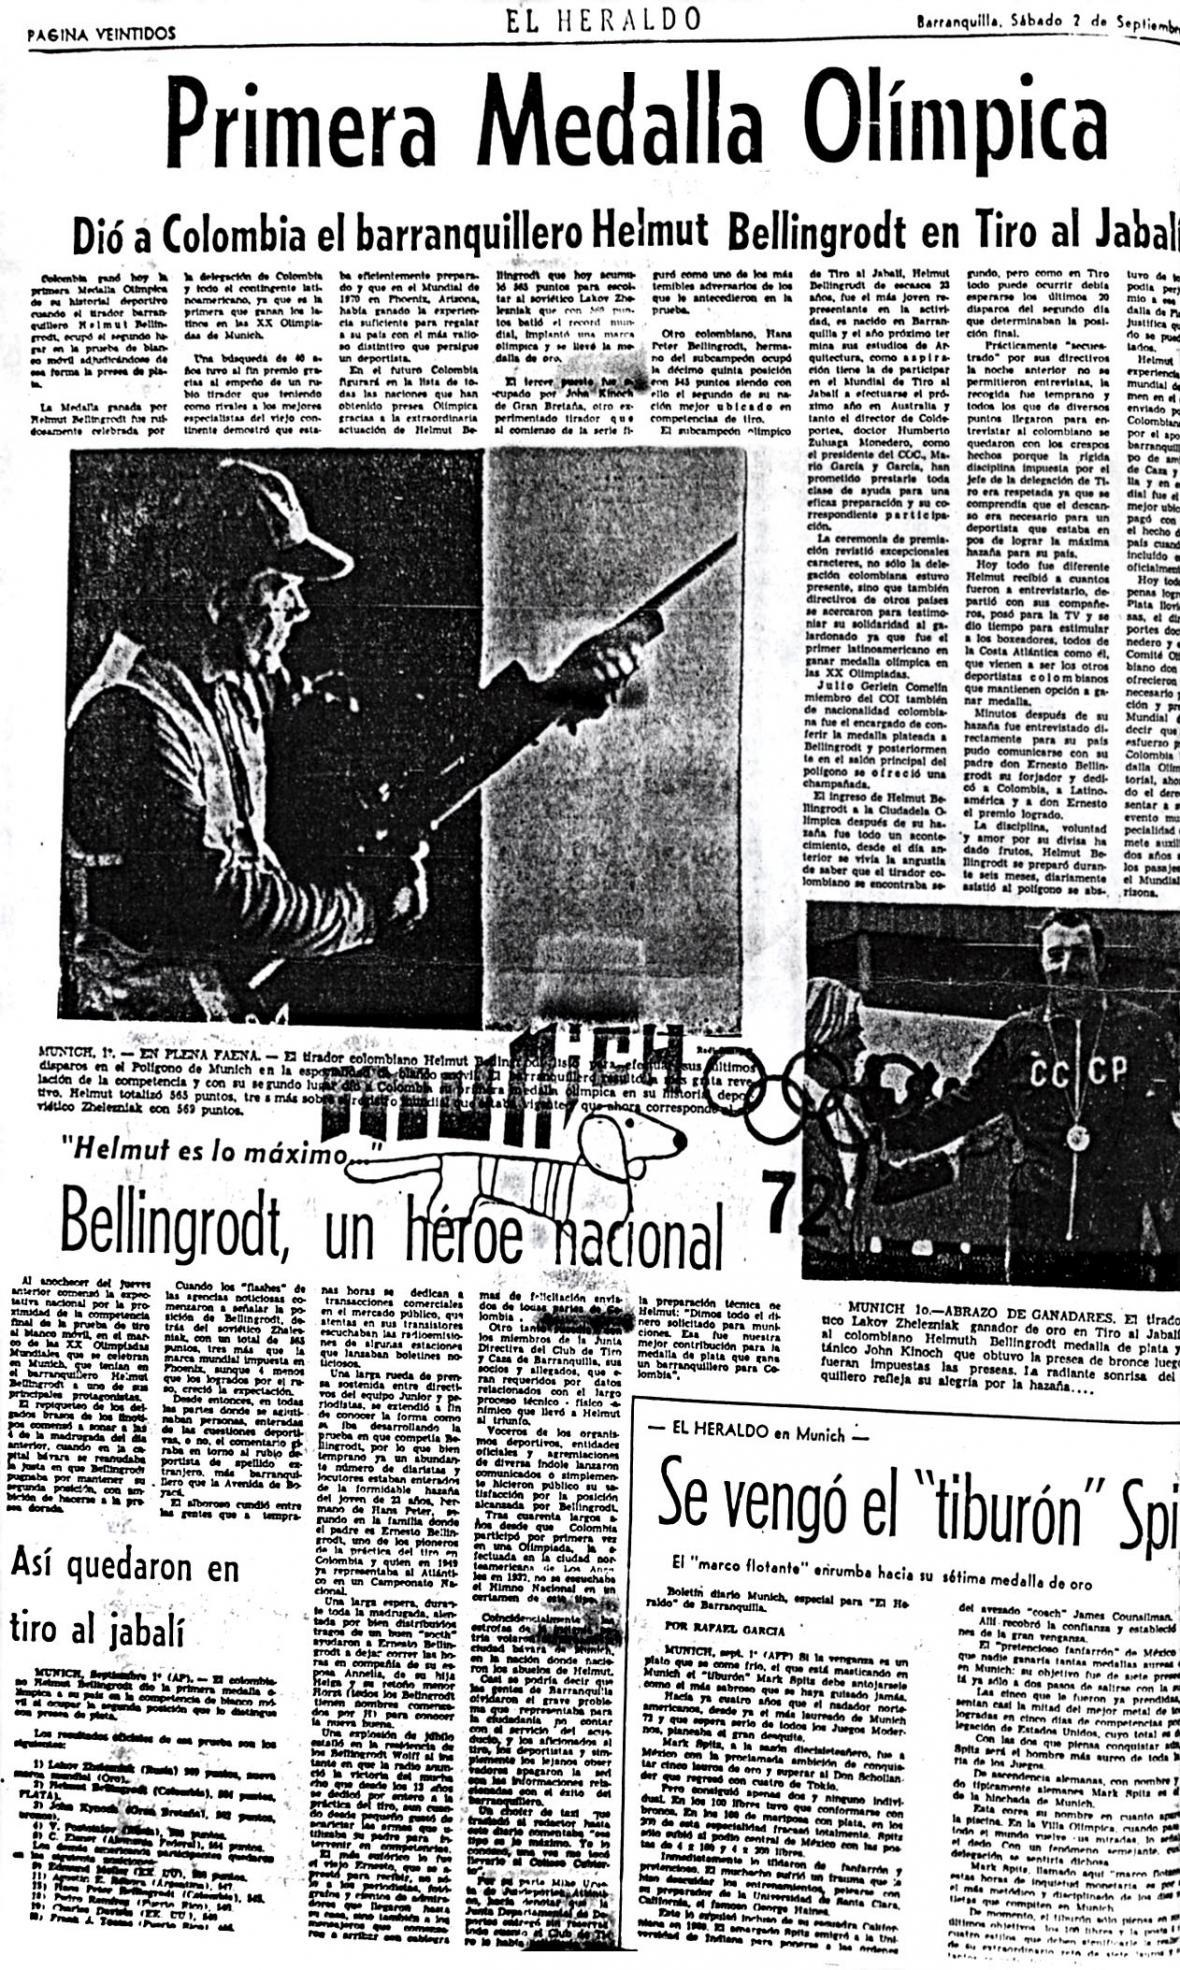 Página de EL HERALDO (1972) el día que ganó la primera presea olímpica para el país en unos Olímpicos.